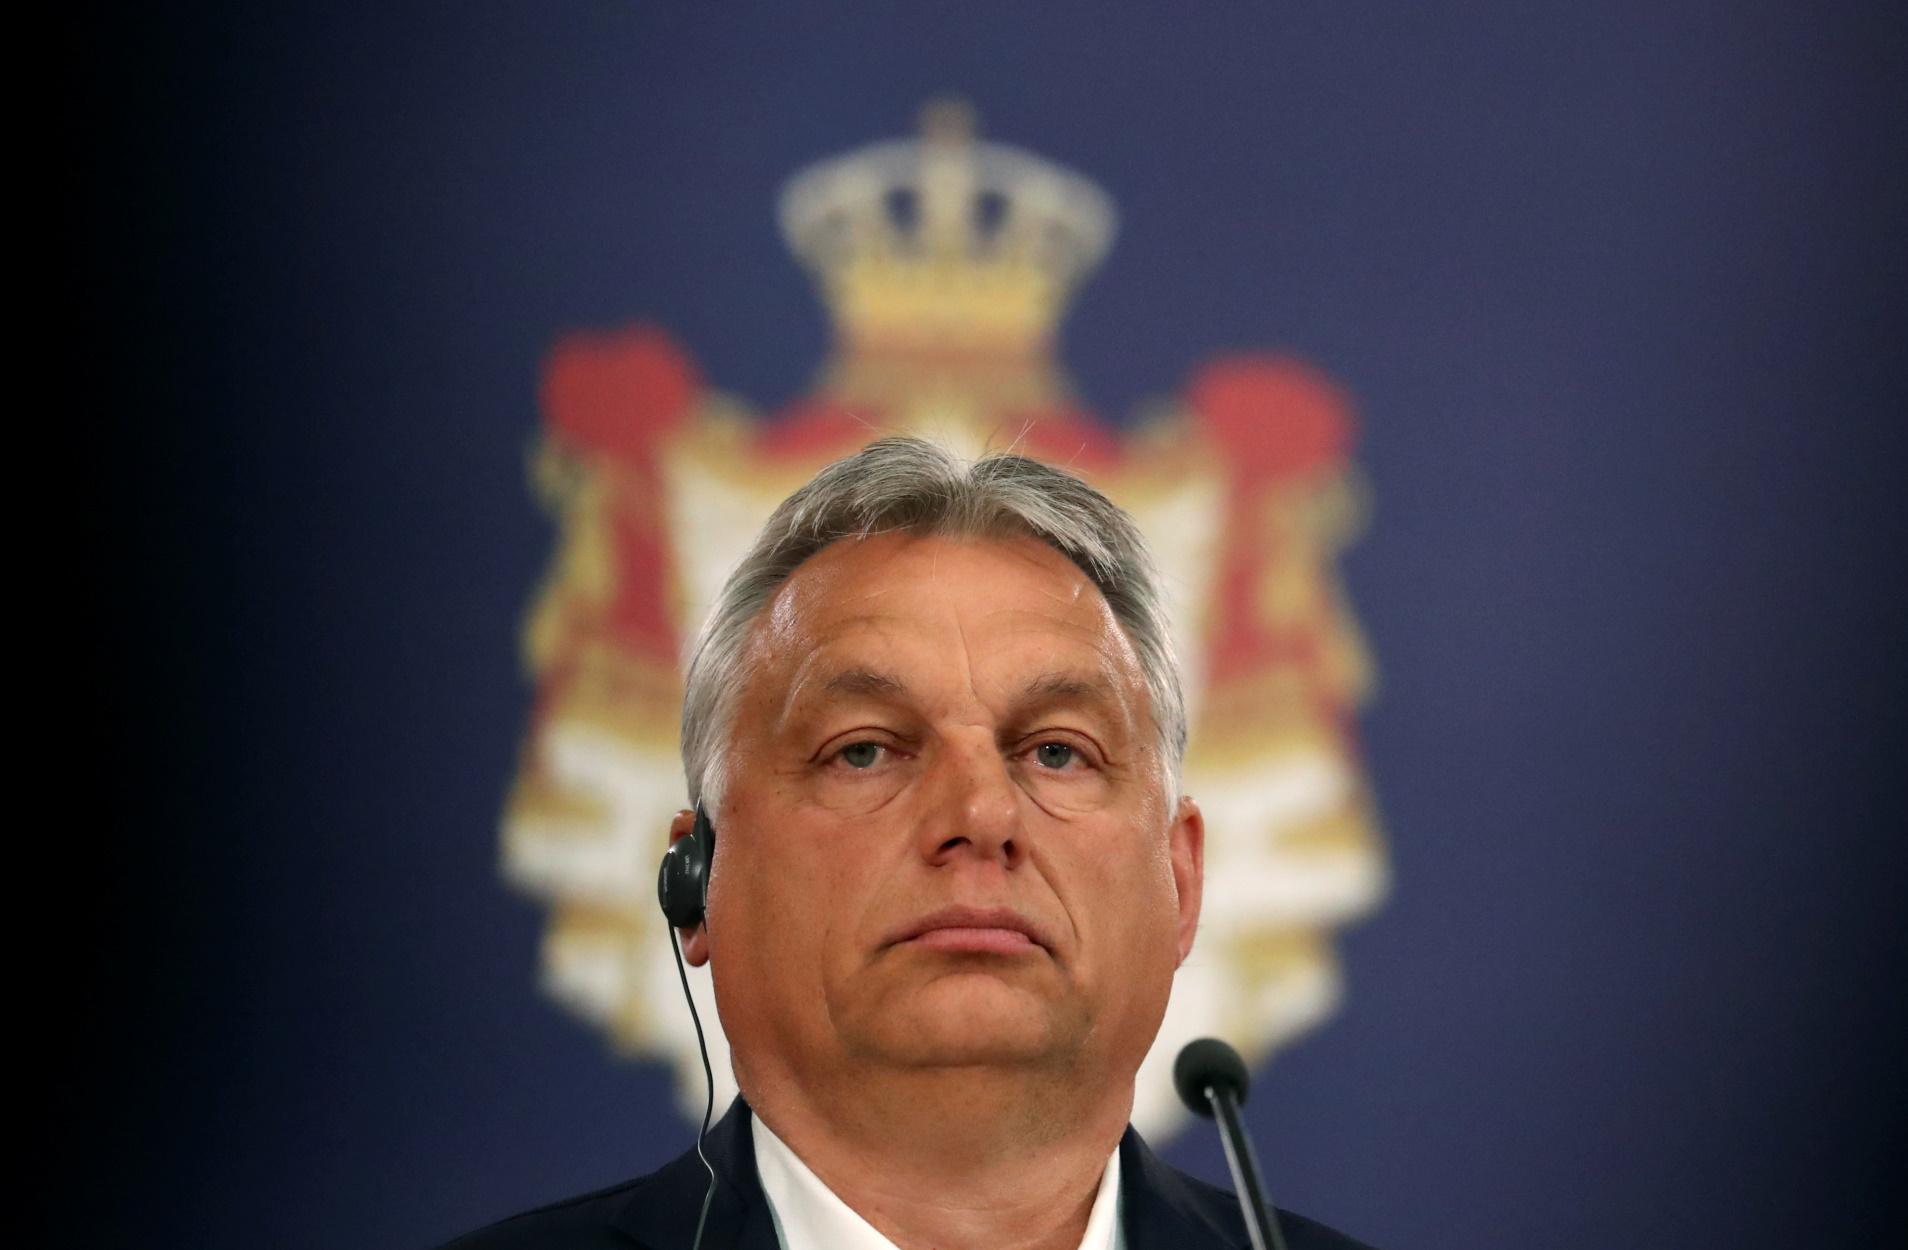 Ουγγαρία – Όρμπαν: Μητέρα είναι μία γυναίκα και πατέρας ένας άνδρας